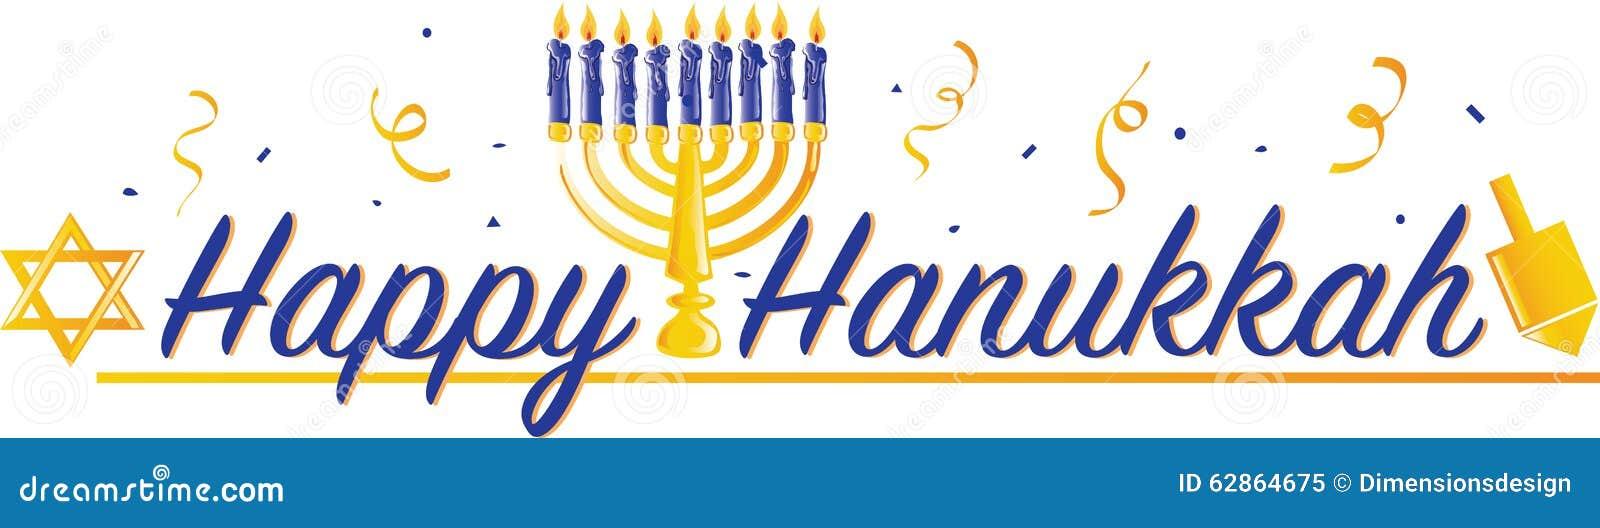 happy hanukkah clip art stock illustration illustration of festival rh dreamstime com hanukkah clip art free hanukkah clipart black and white